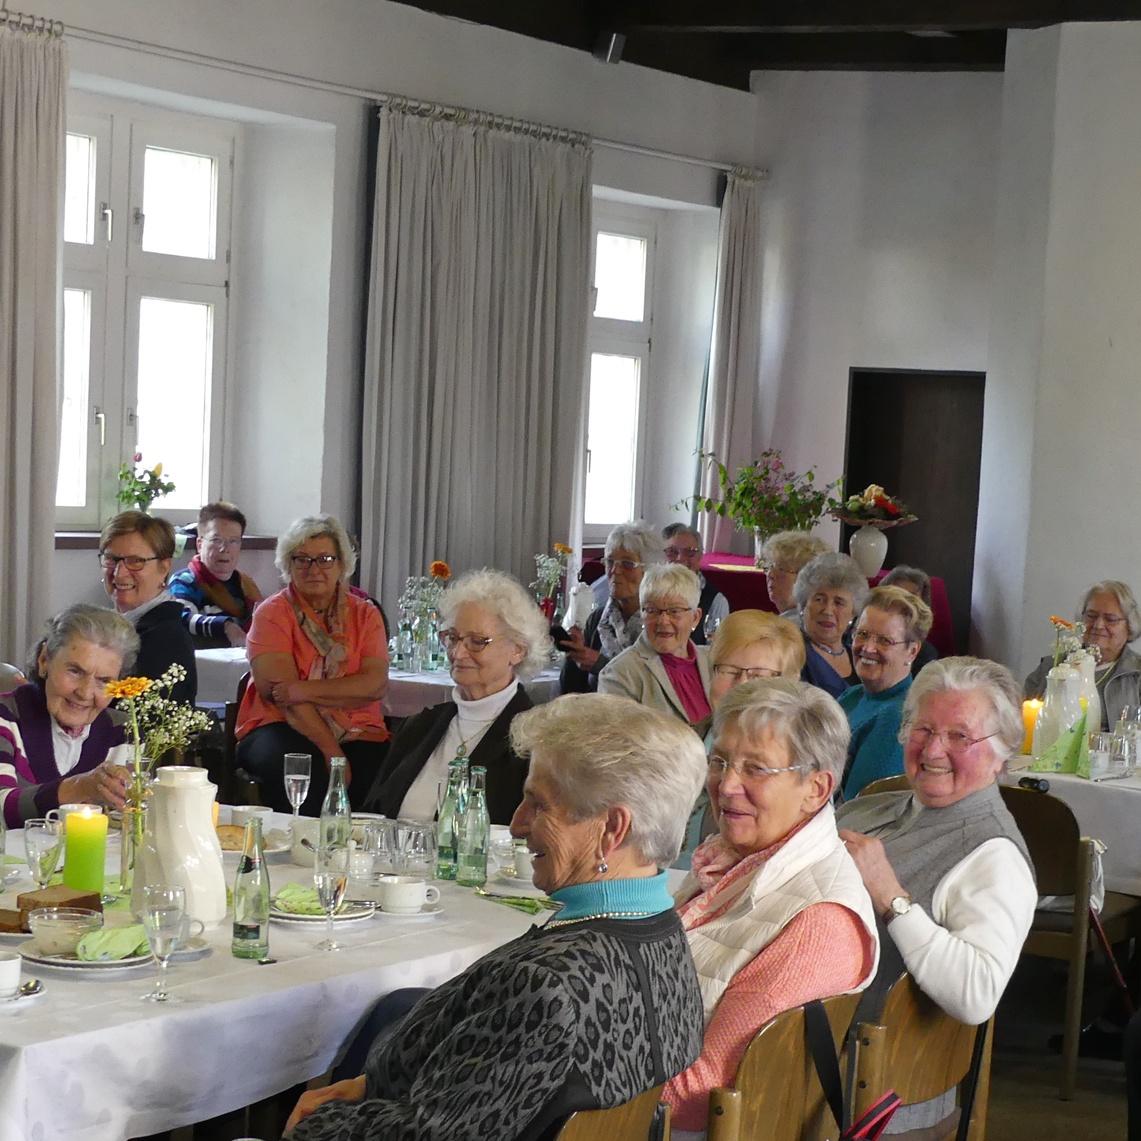 20 Jahre Frauenfrühstück in Höxter Die Seele baumeln lassen